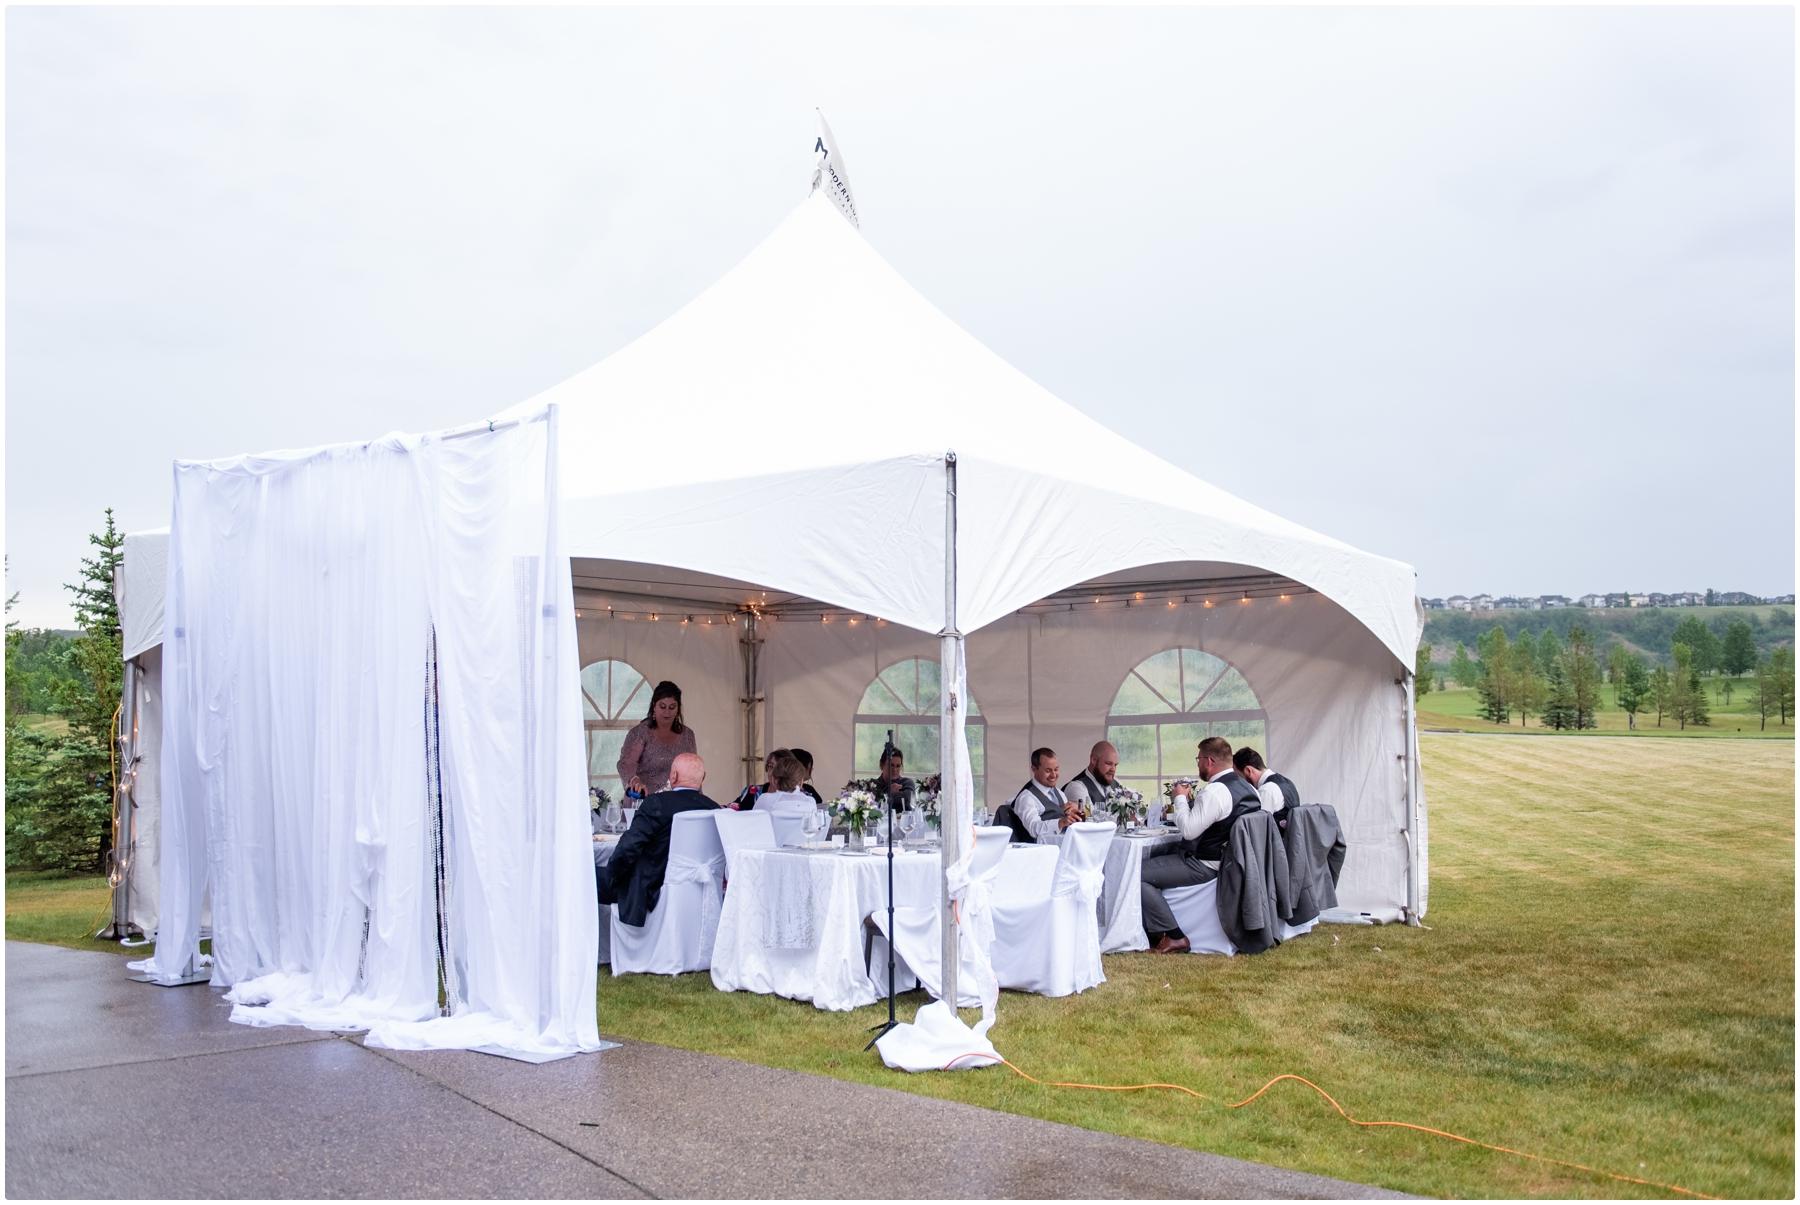 Calgary Tent Wedding Venue